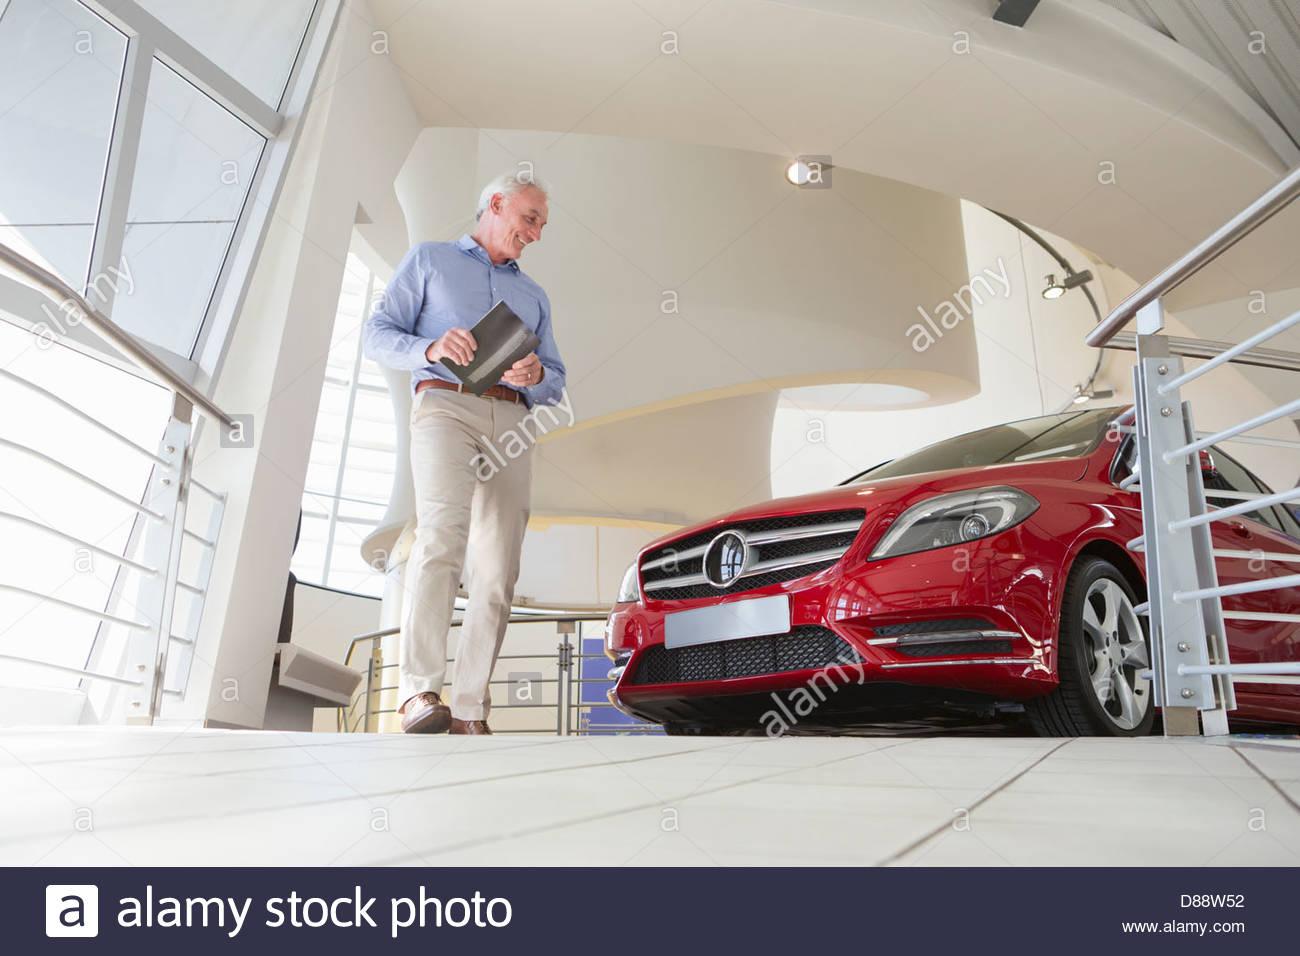 Man looking at car in car dealership showroom - Stock Image